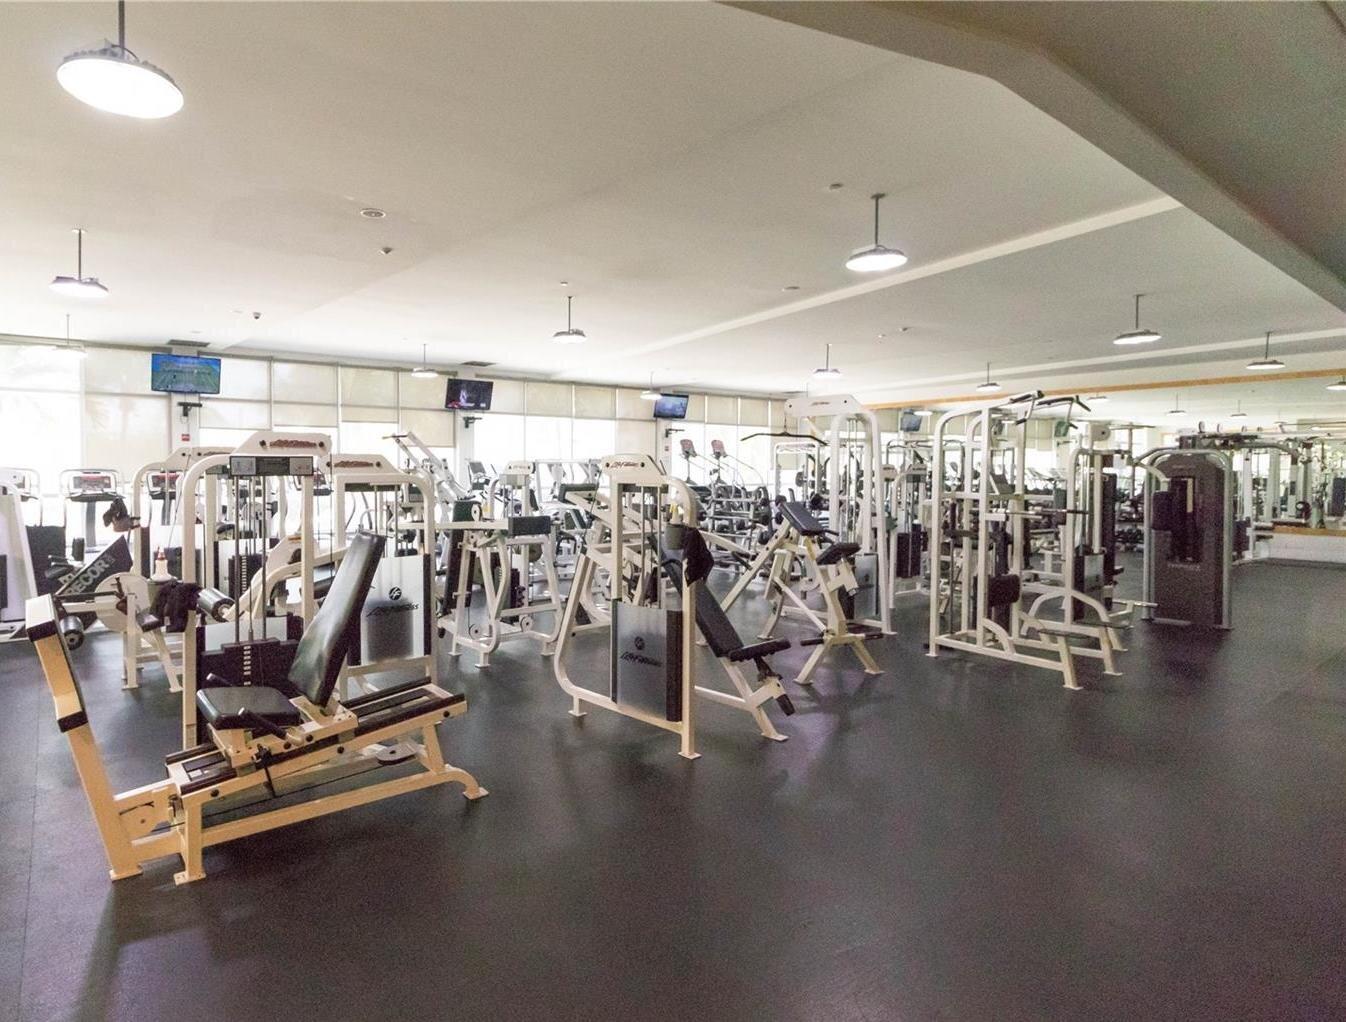 gym-mirador-1000_lipstickandchicspaces.com.jpg